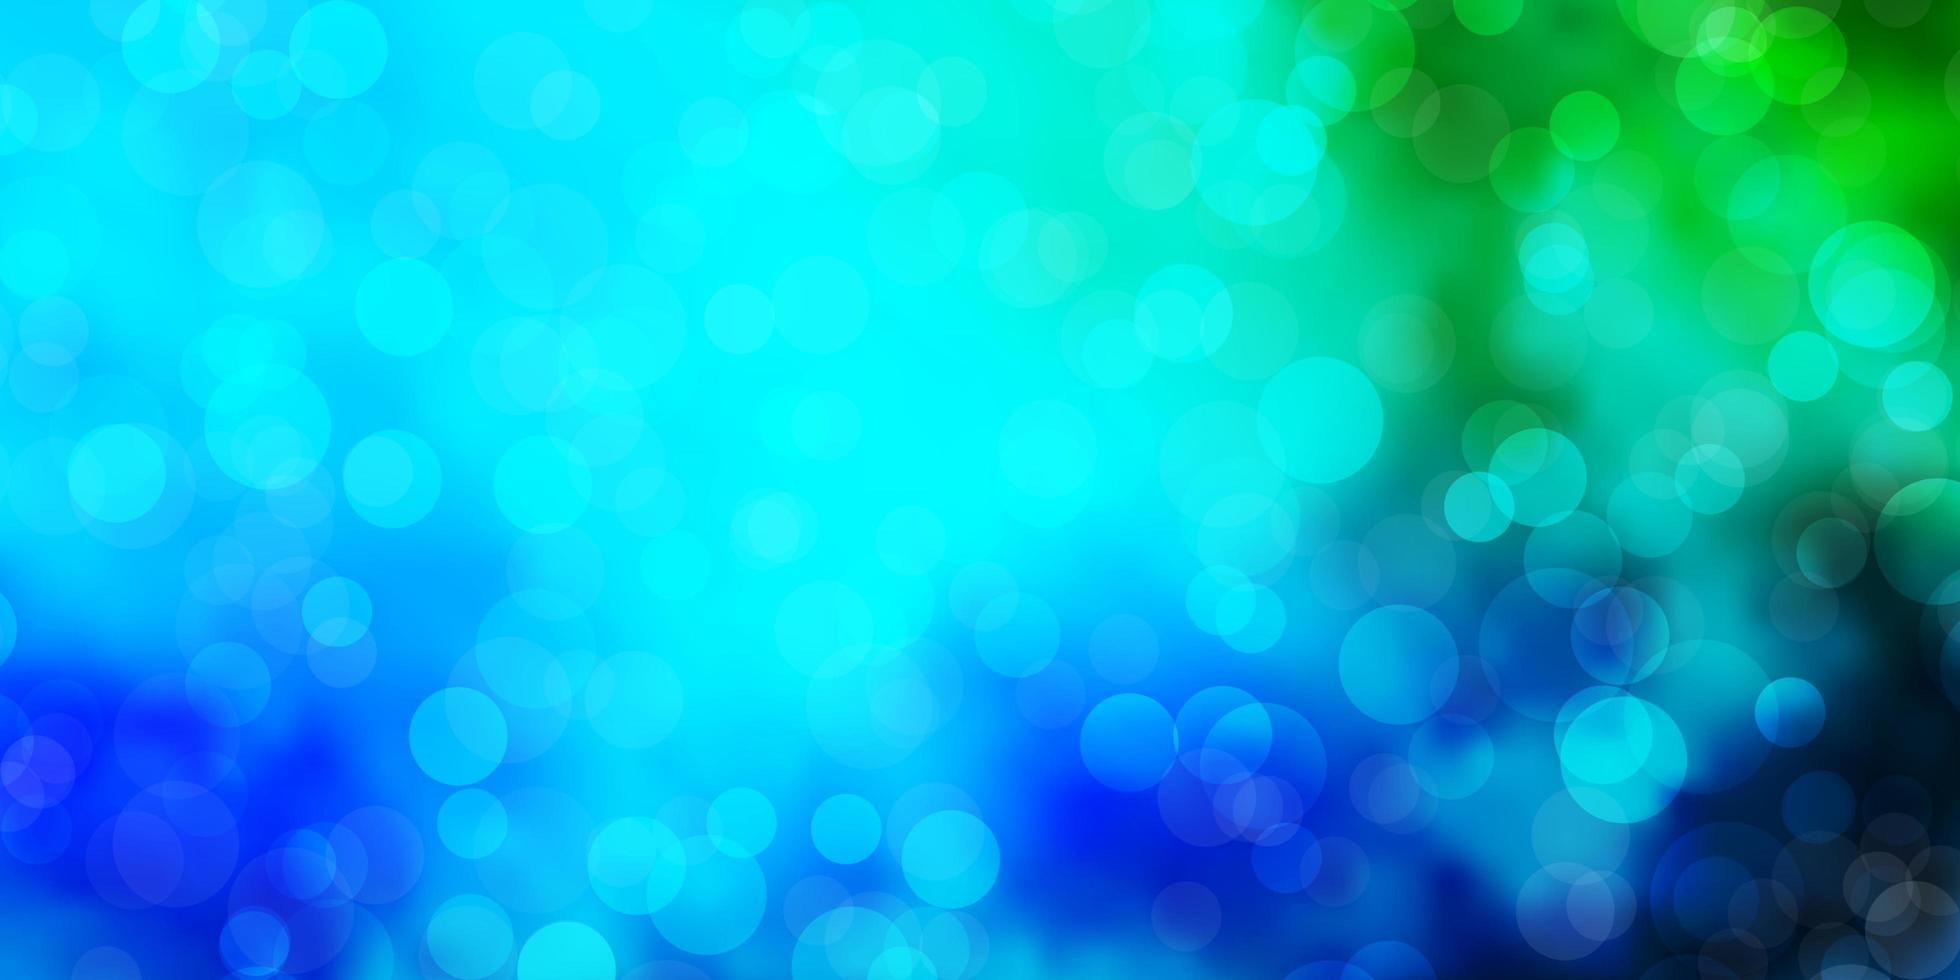 fond de vecteur bleu clair, vert avec des cercles.